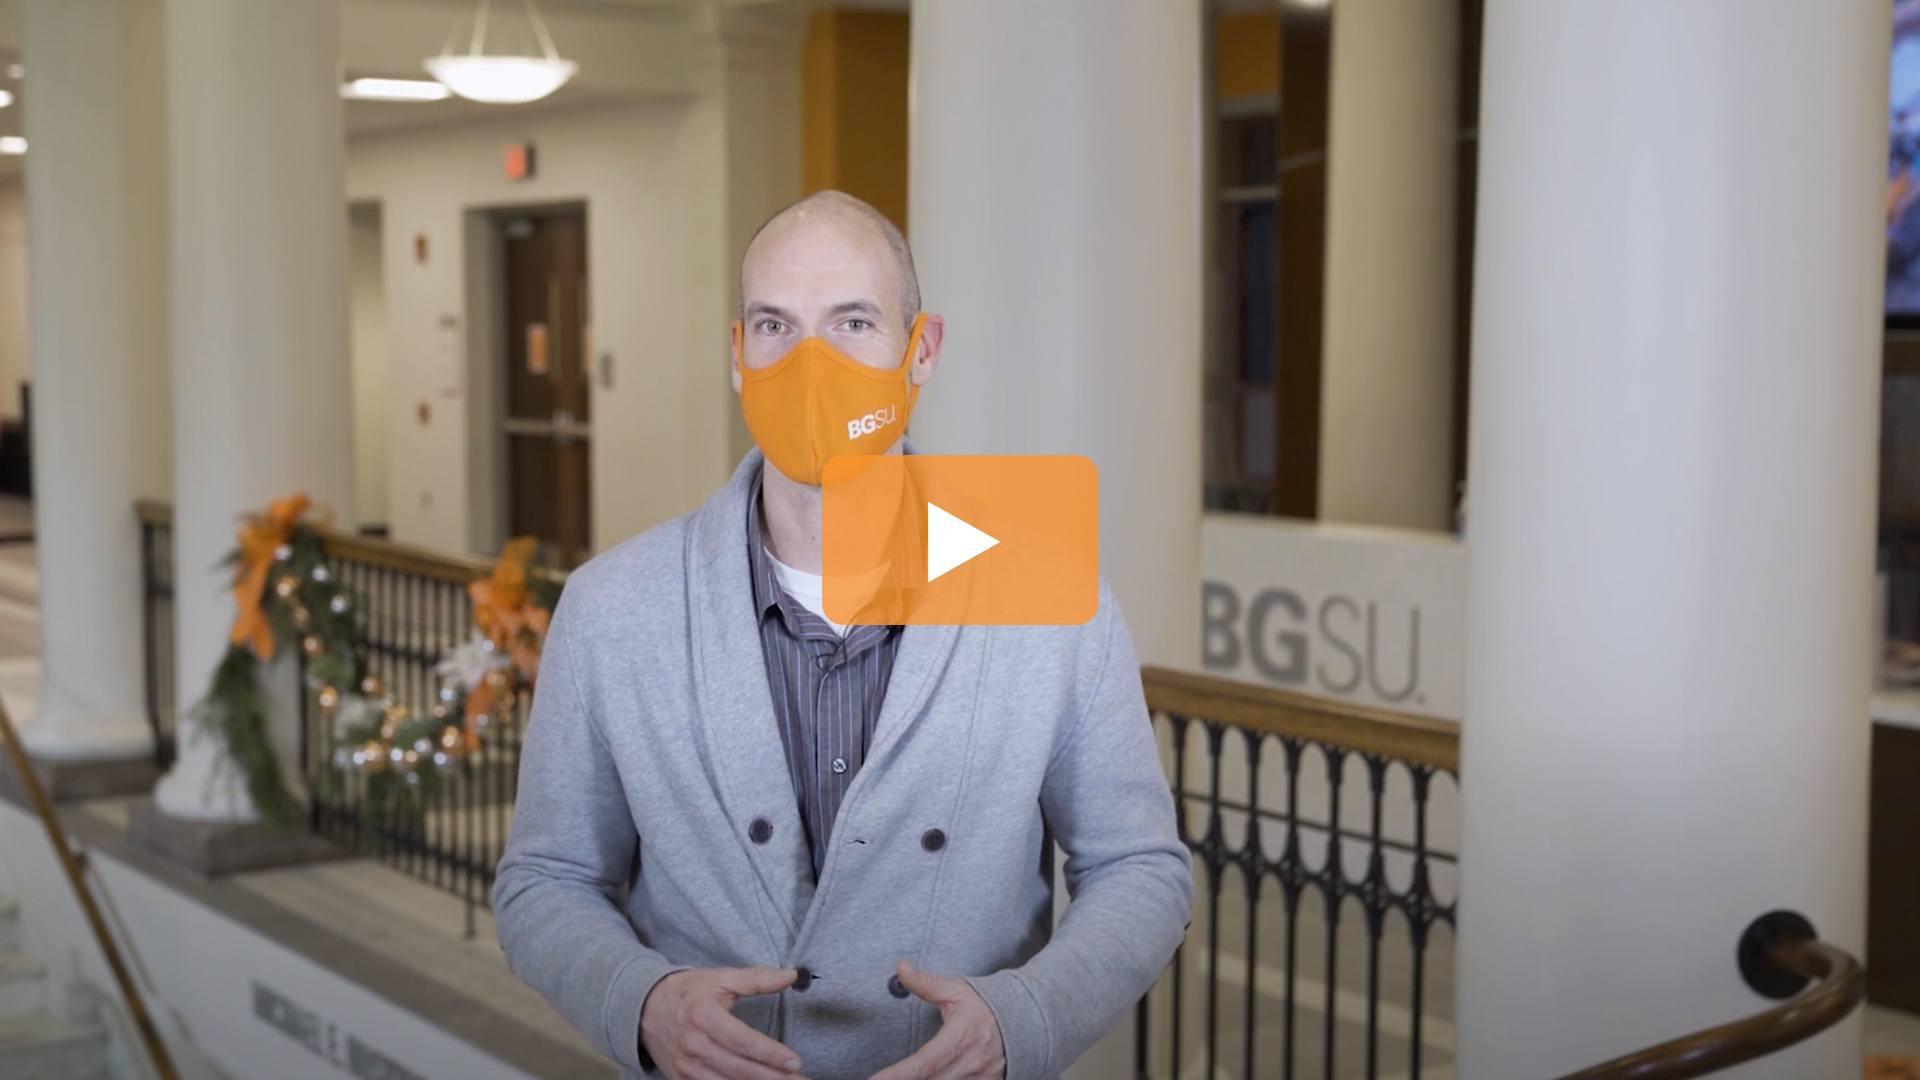 Watch BGSU Chief Health Officer Ben Batey's December 16 Video Update